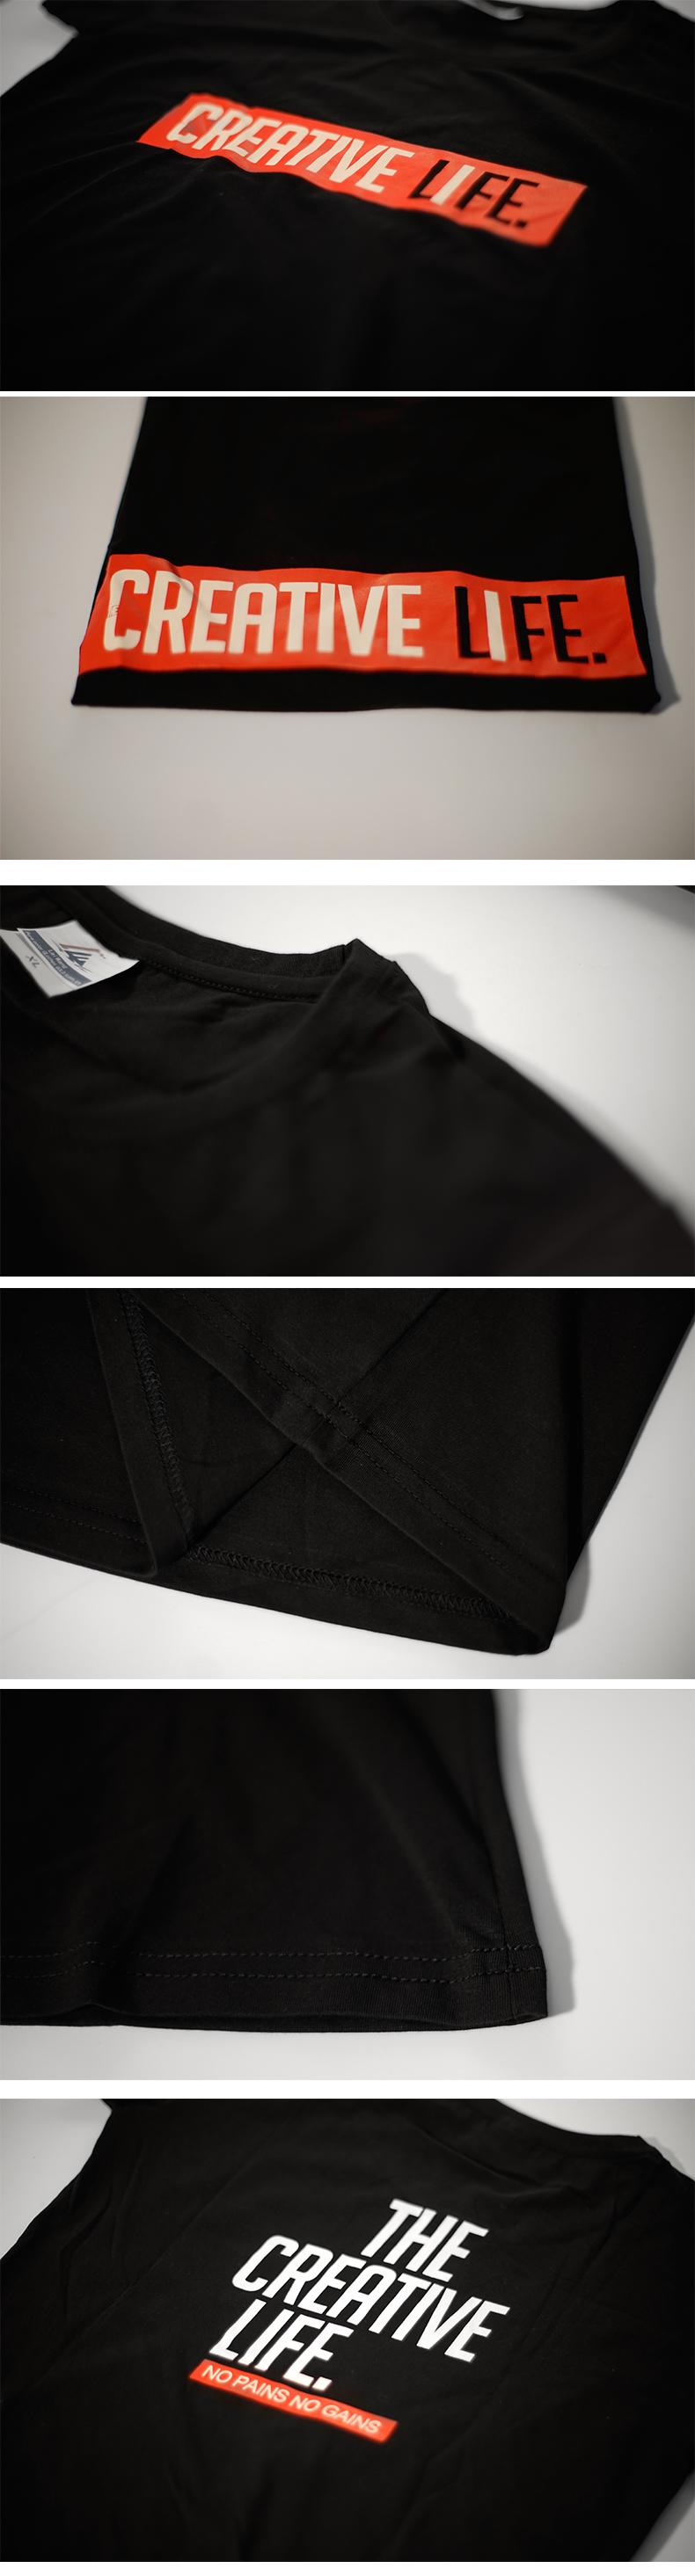 铁粉T恤.jpg